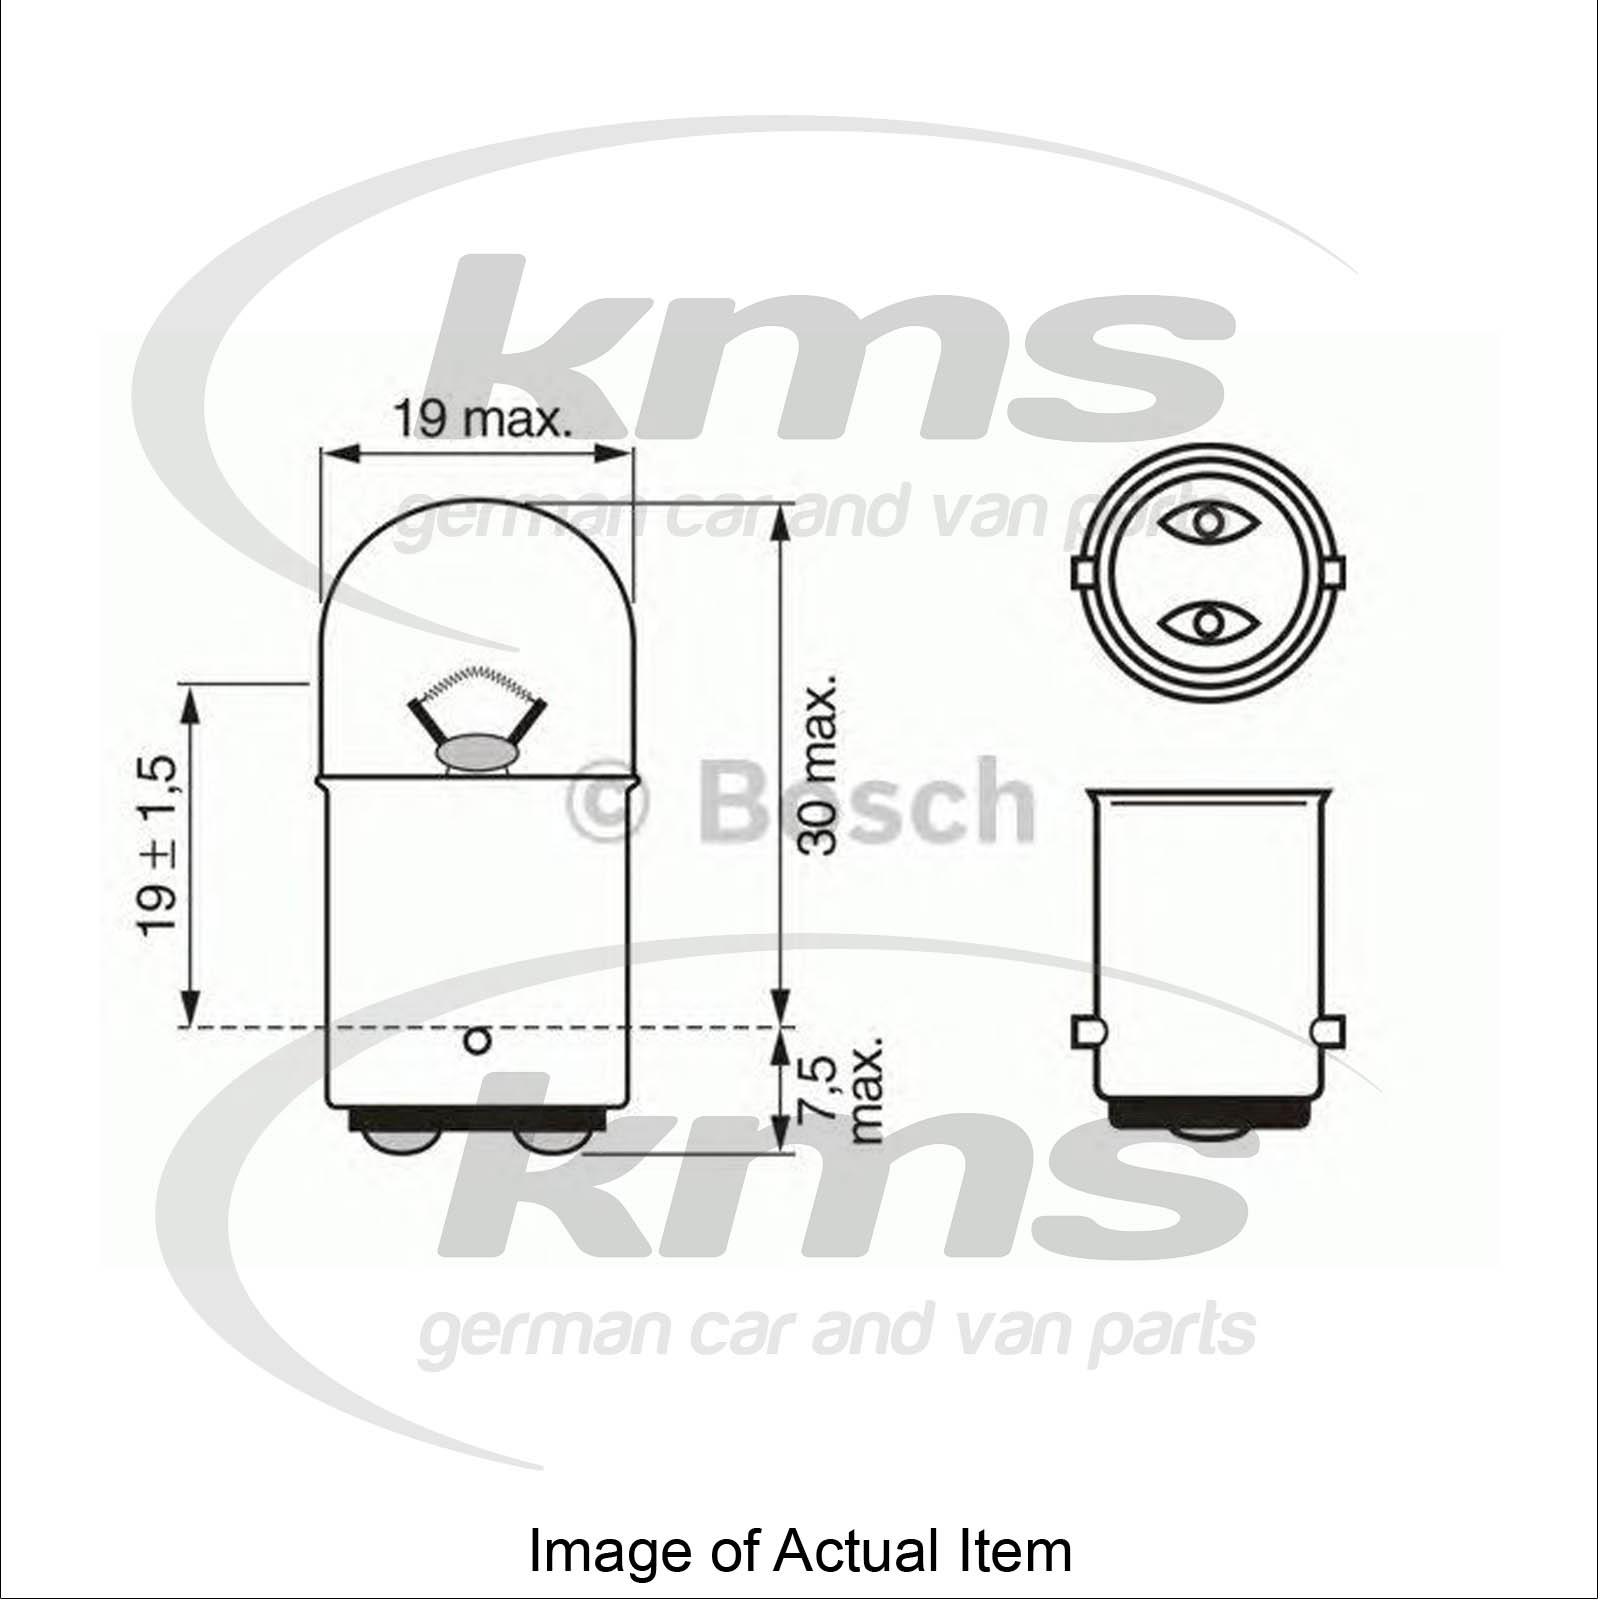 Bulb For Brake Taillight Mercedes Slk R170 230 Kompressor 170 447 Convert